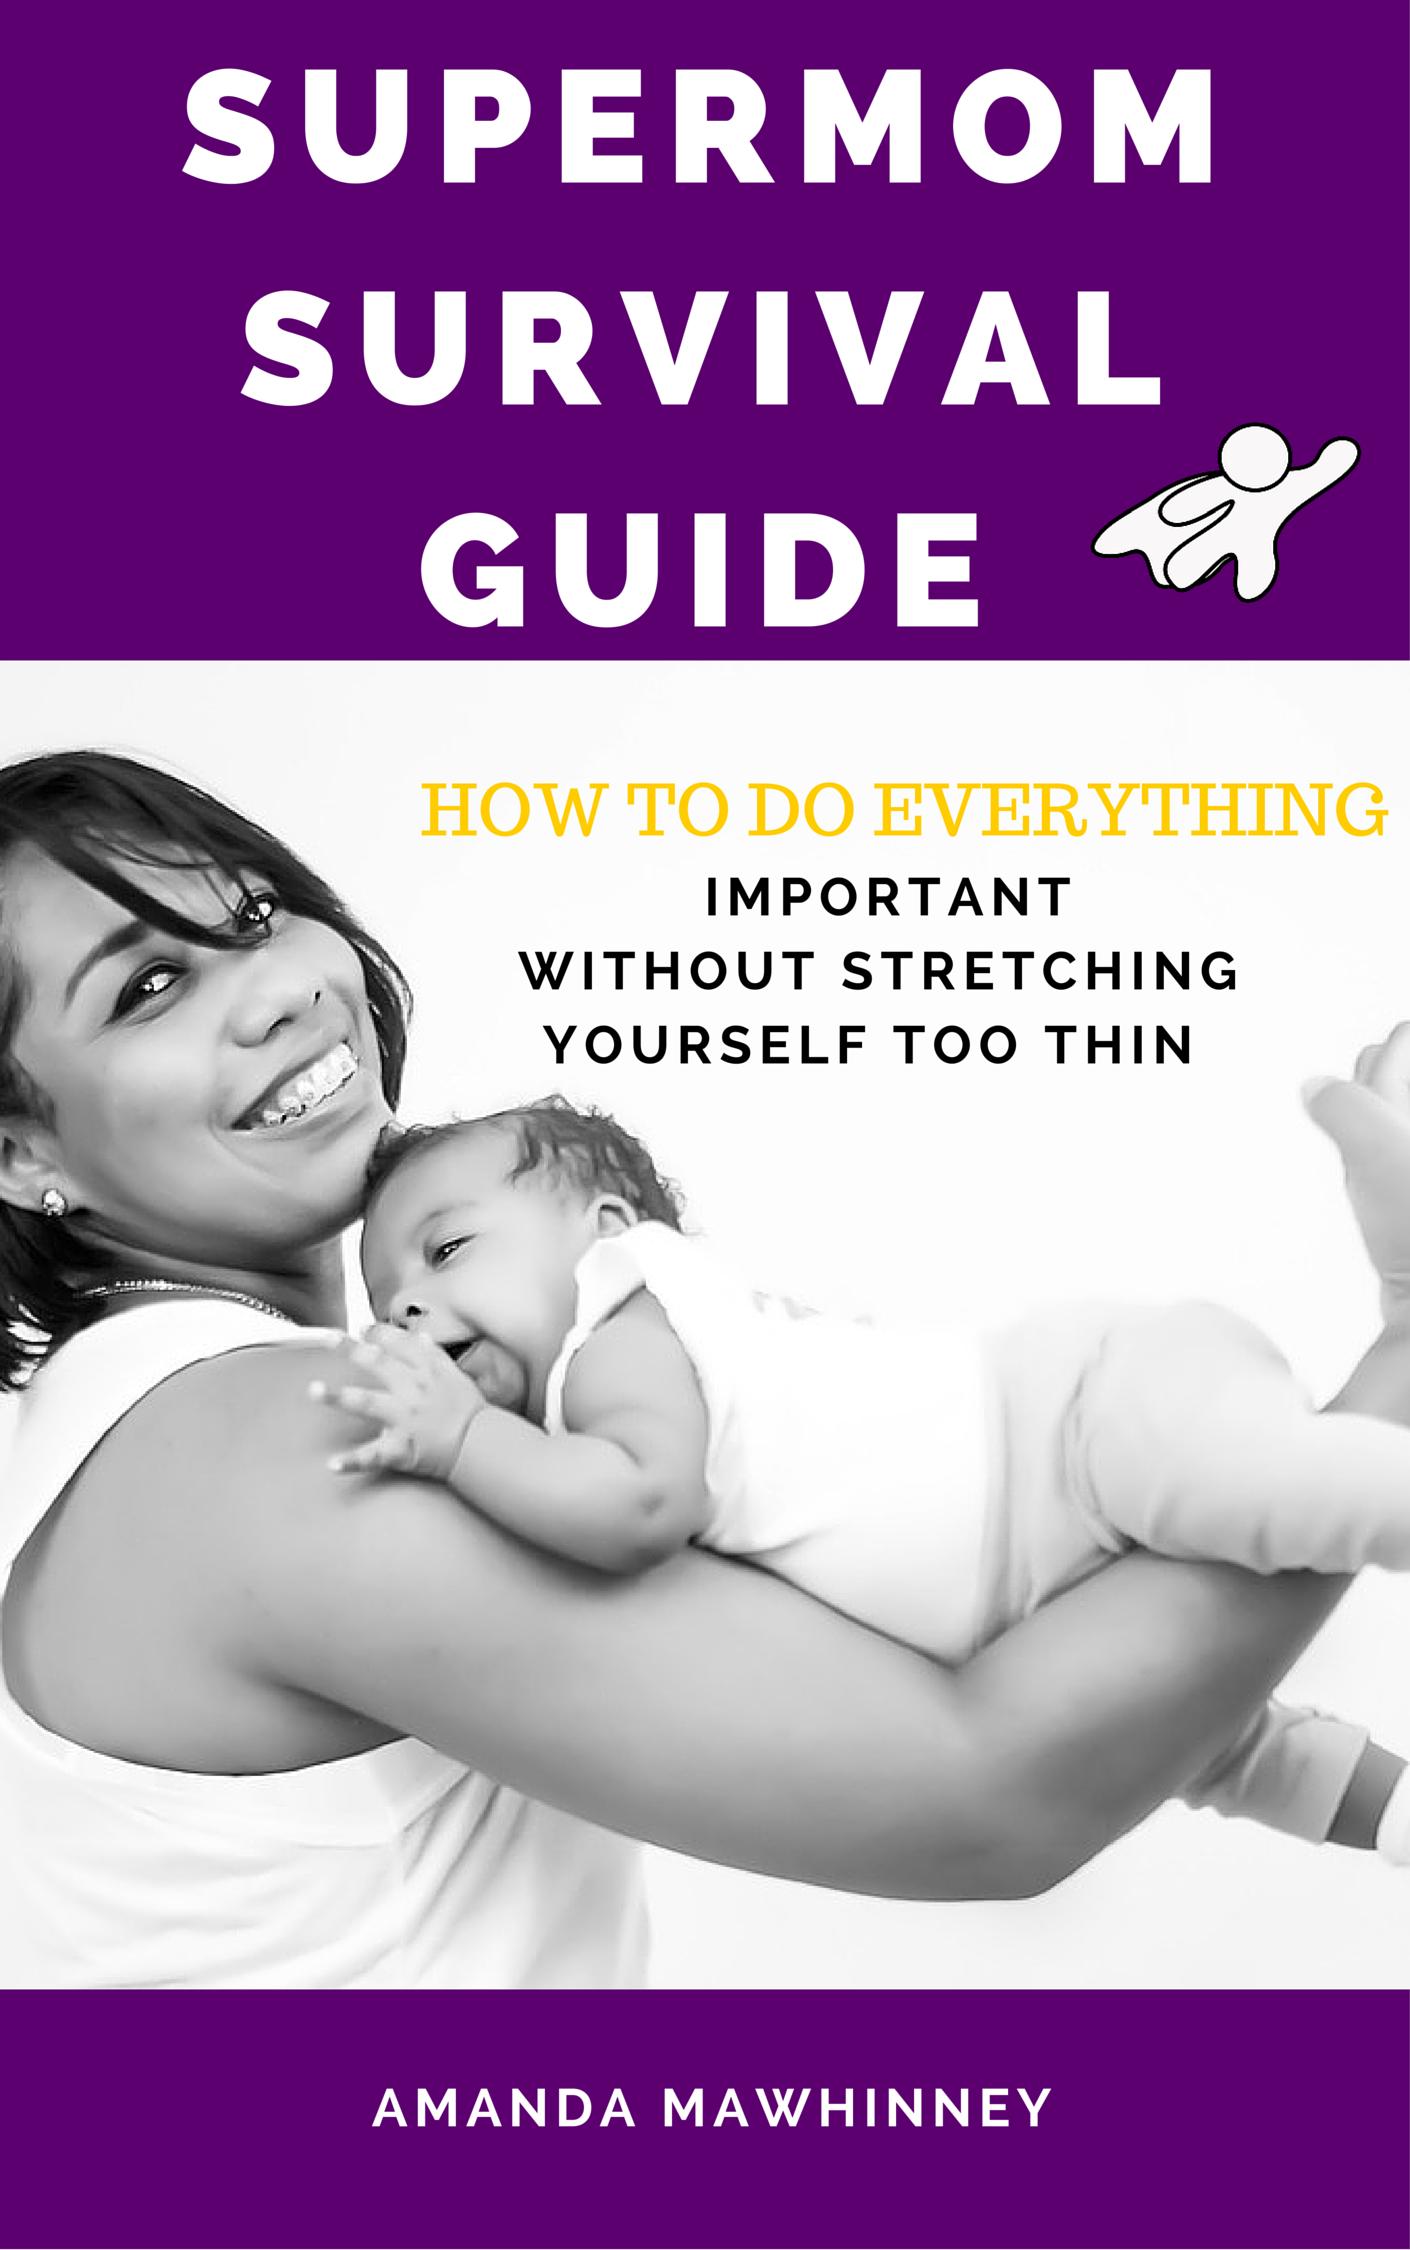 Supermom survival guide2